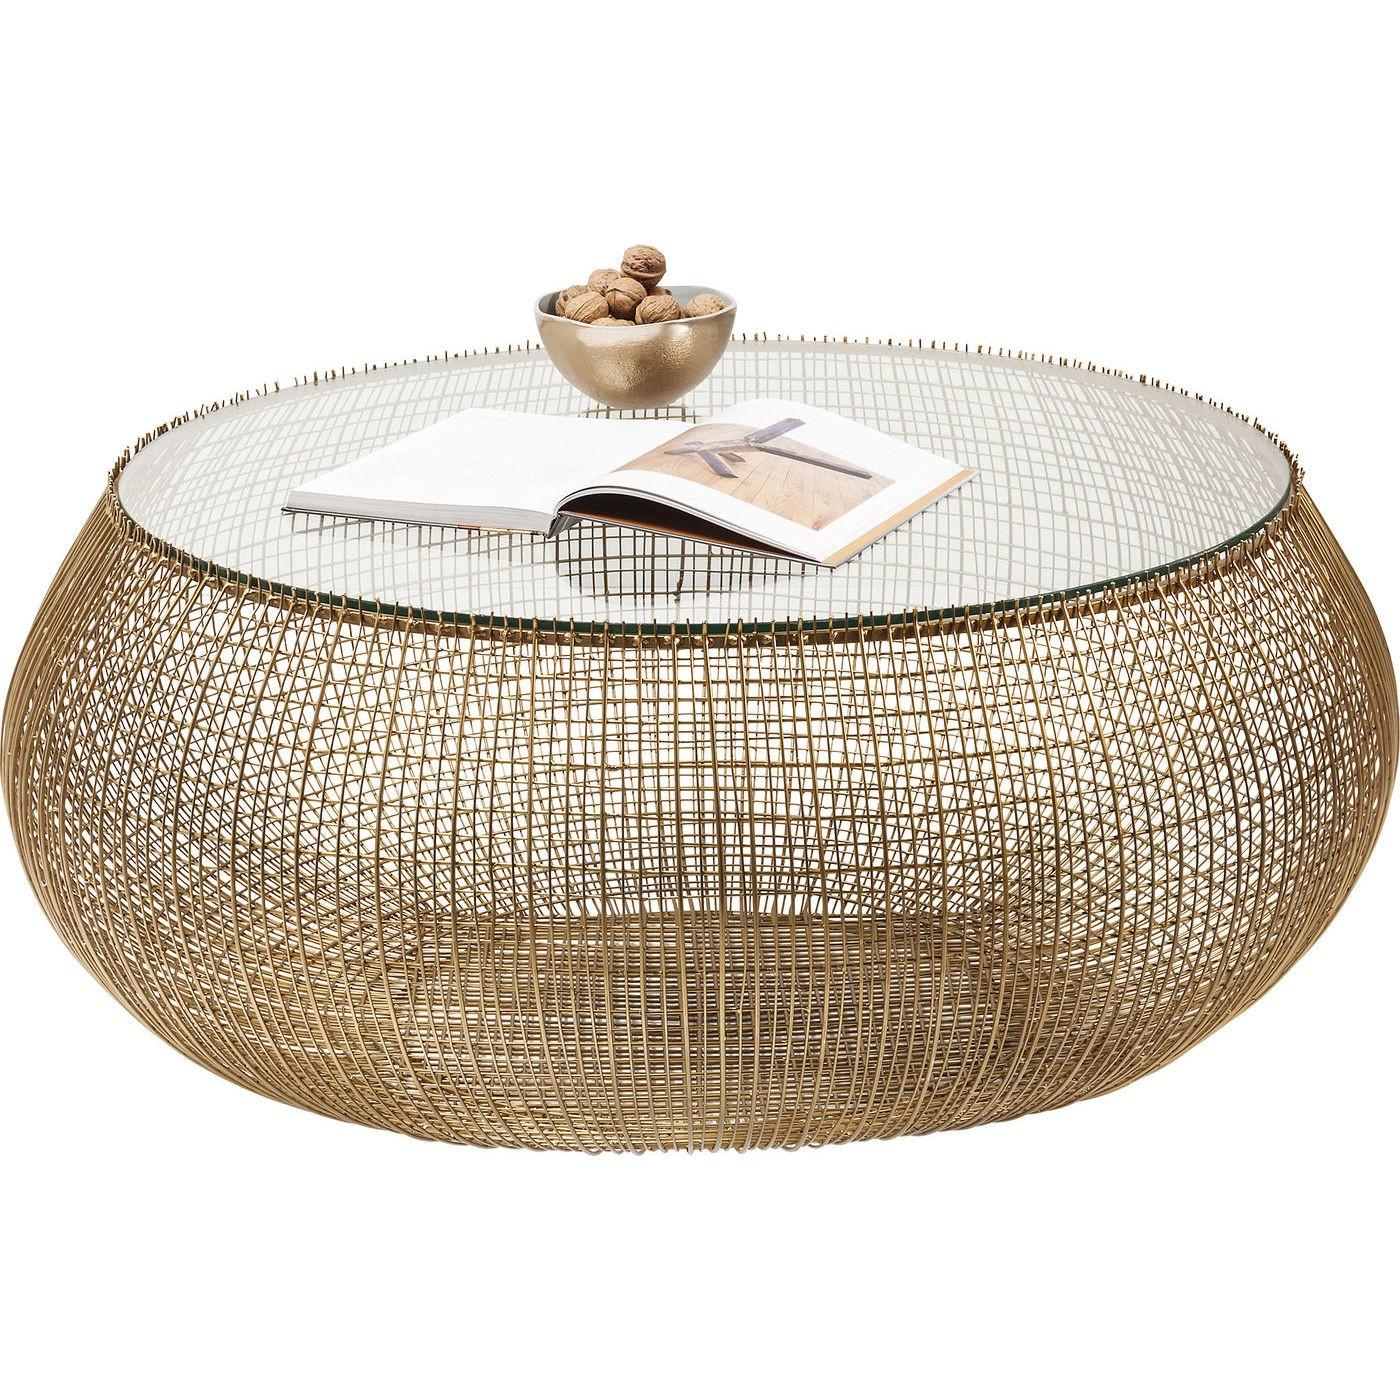 KARE DESIGN Cesta sofabord - messingbelagt stål og klart glas, rund (Ø 110)